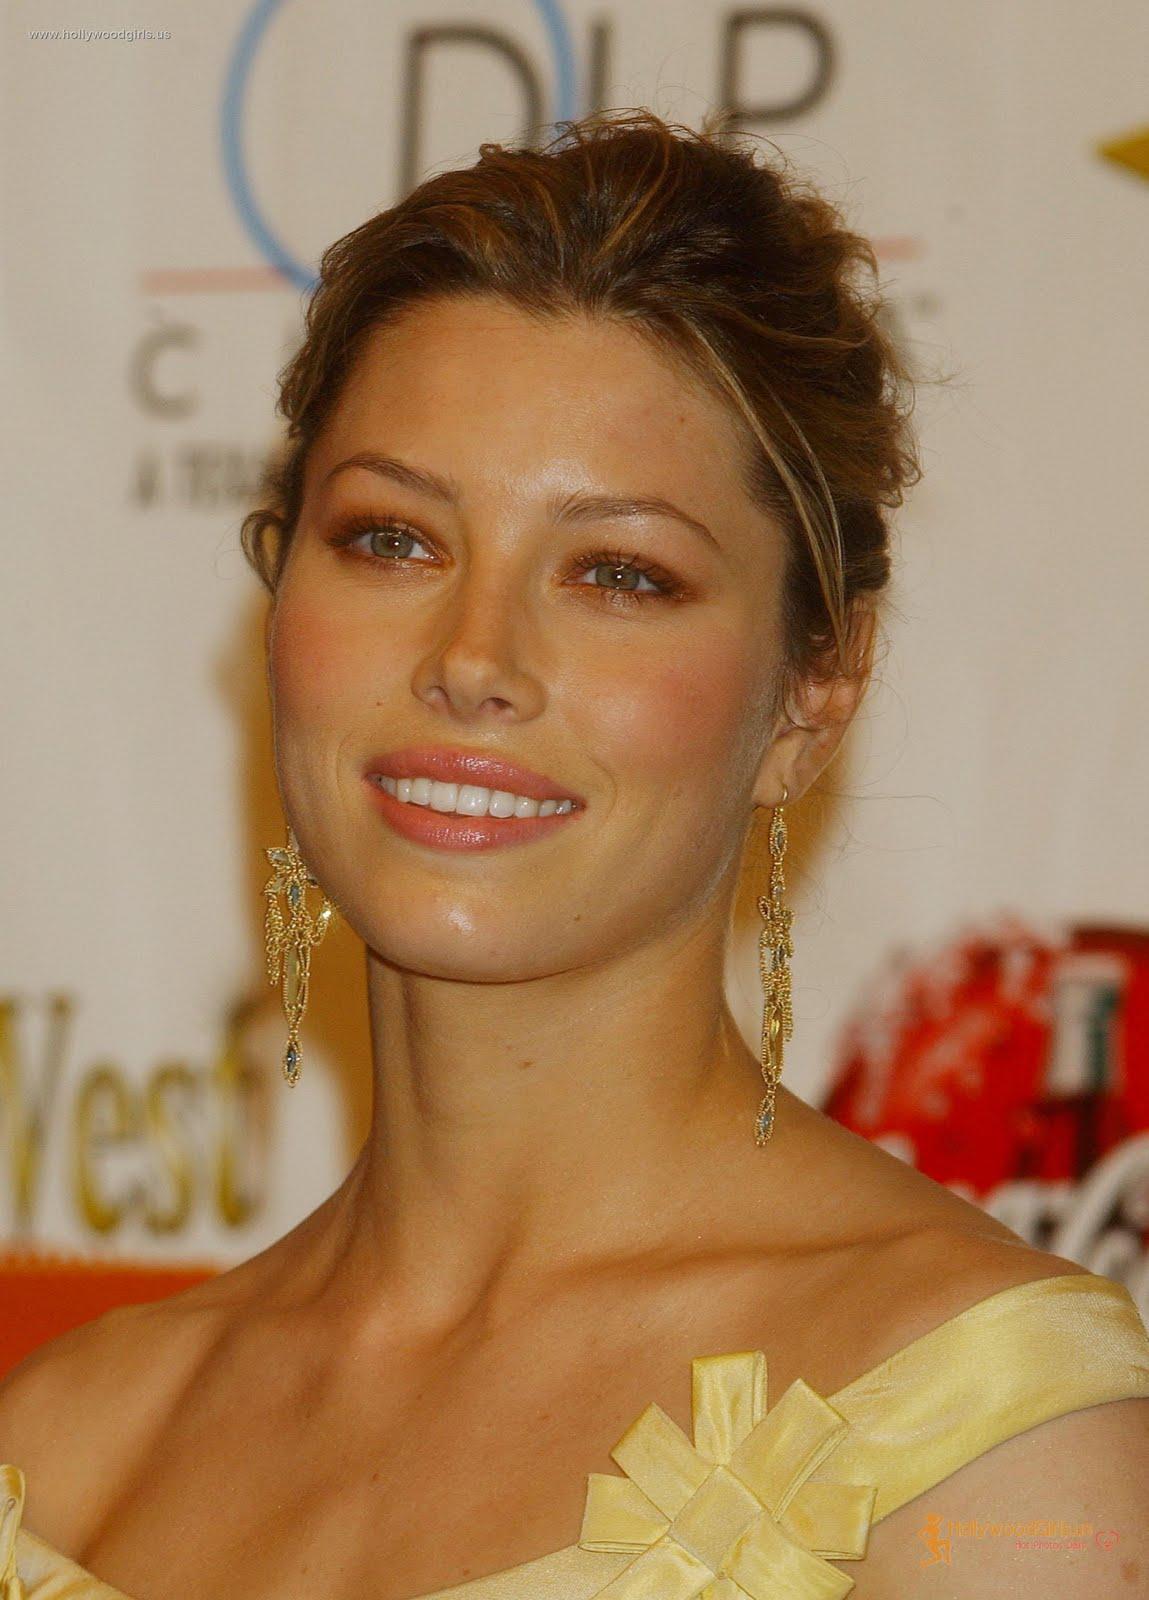 http://3.bp.blogspot.com/--i72Qr2joRY/TkXJmlopVvI/AAAAAAAAAZQ/qKC4NlMyquc/s1600/Jessica+Model+Wallpapers.jpg